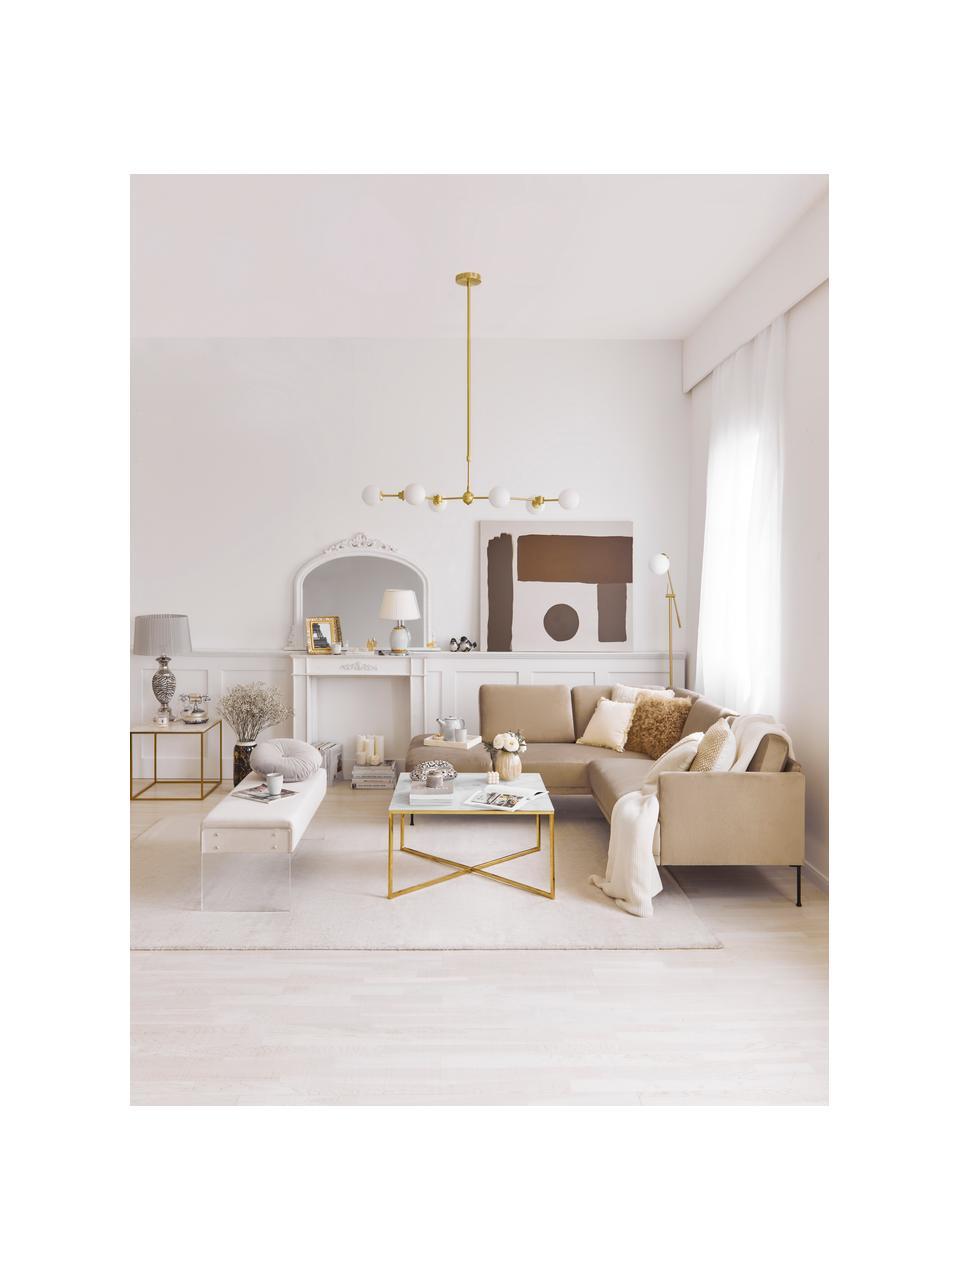 Lampada a sospensione dorata Aurelia, Paralume: Vetro, Bianco, ottone, Larg. 110 x Alt. 68 cm